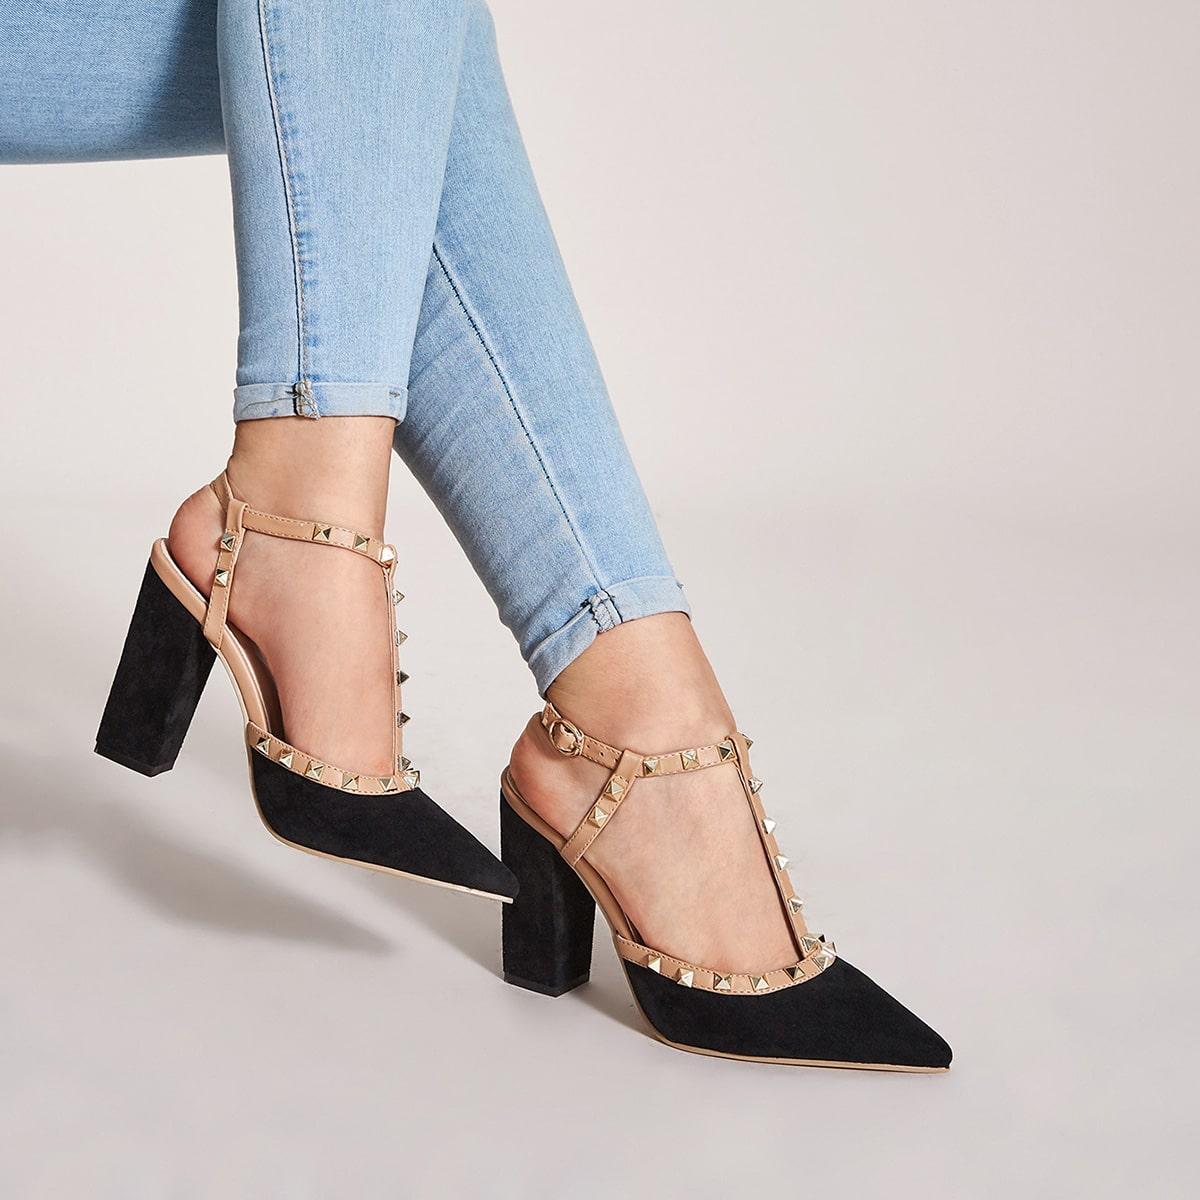 Остроконечные туфли с массивным каблуком и заклепками от SHEIN